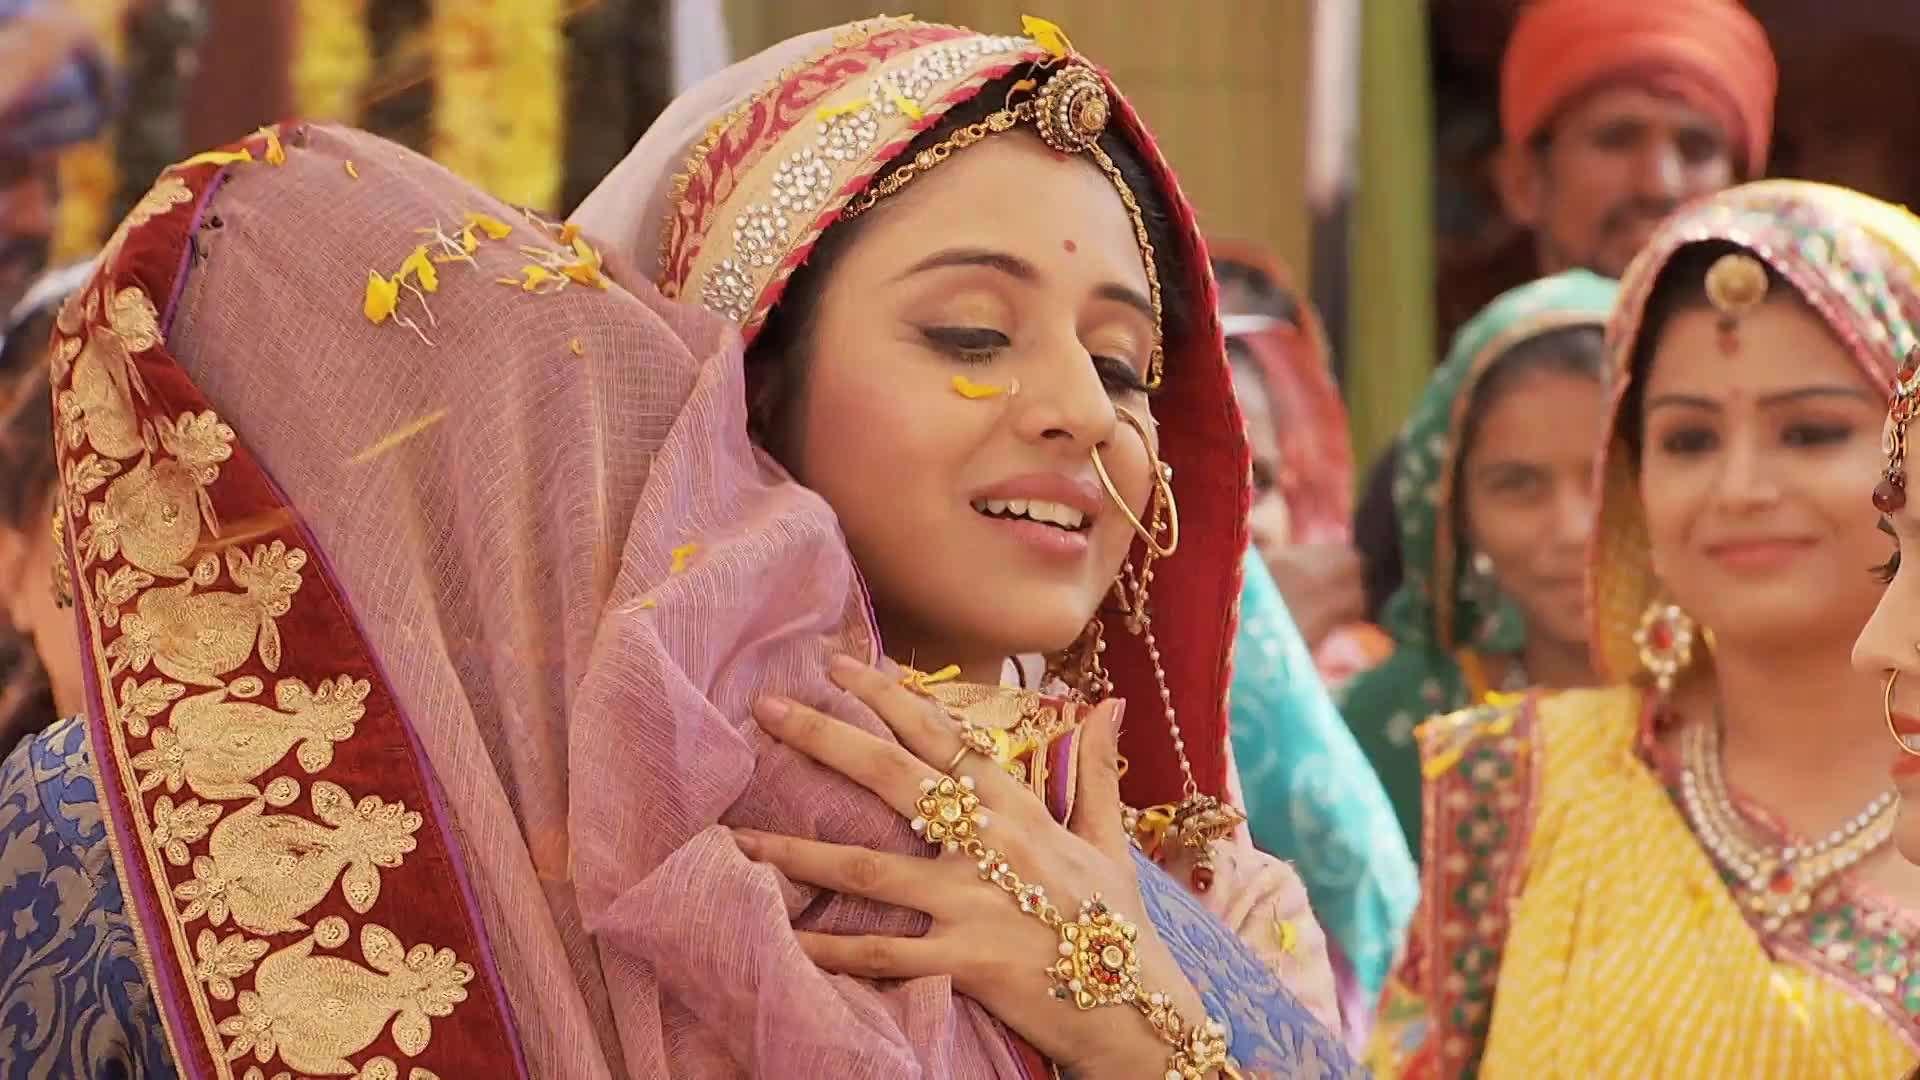 المسلسل الهندي التاريخي جودا أكبر الجزء الثاني (2013) [مدبلج] كامل 1080p تحميل تورنت 22 arabp2p.com